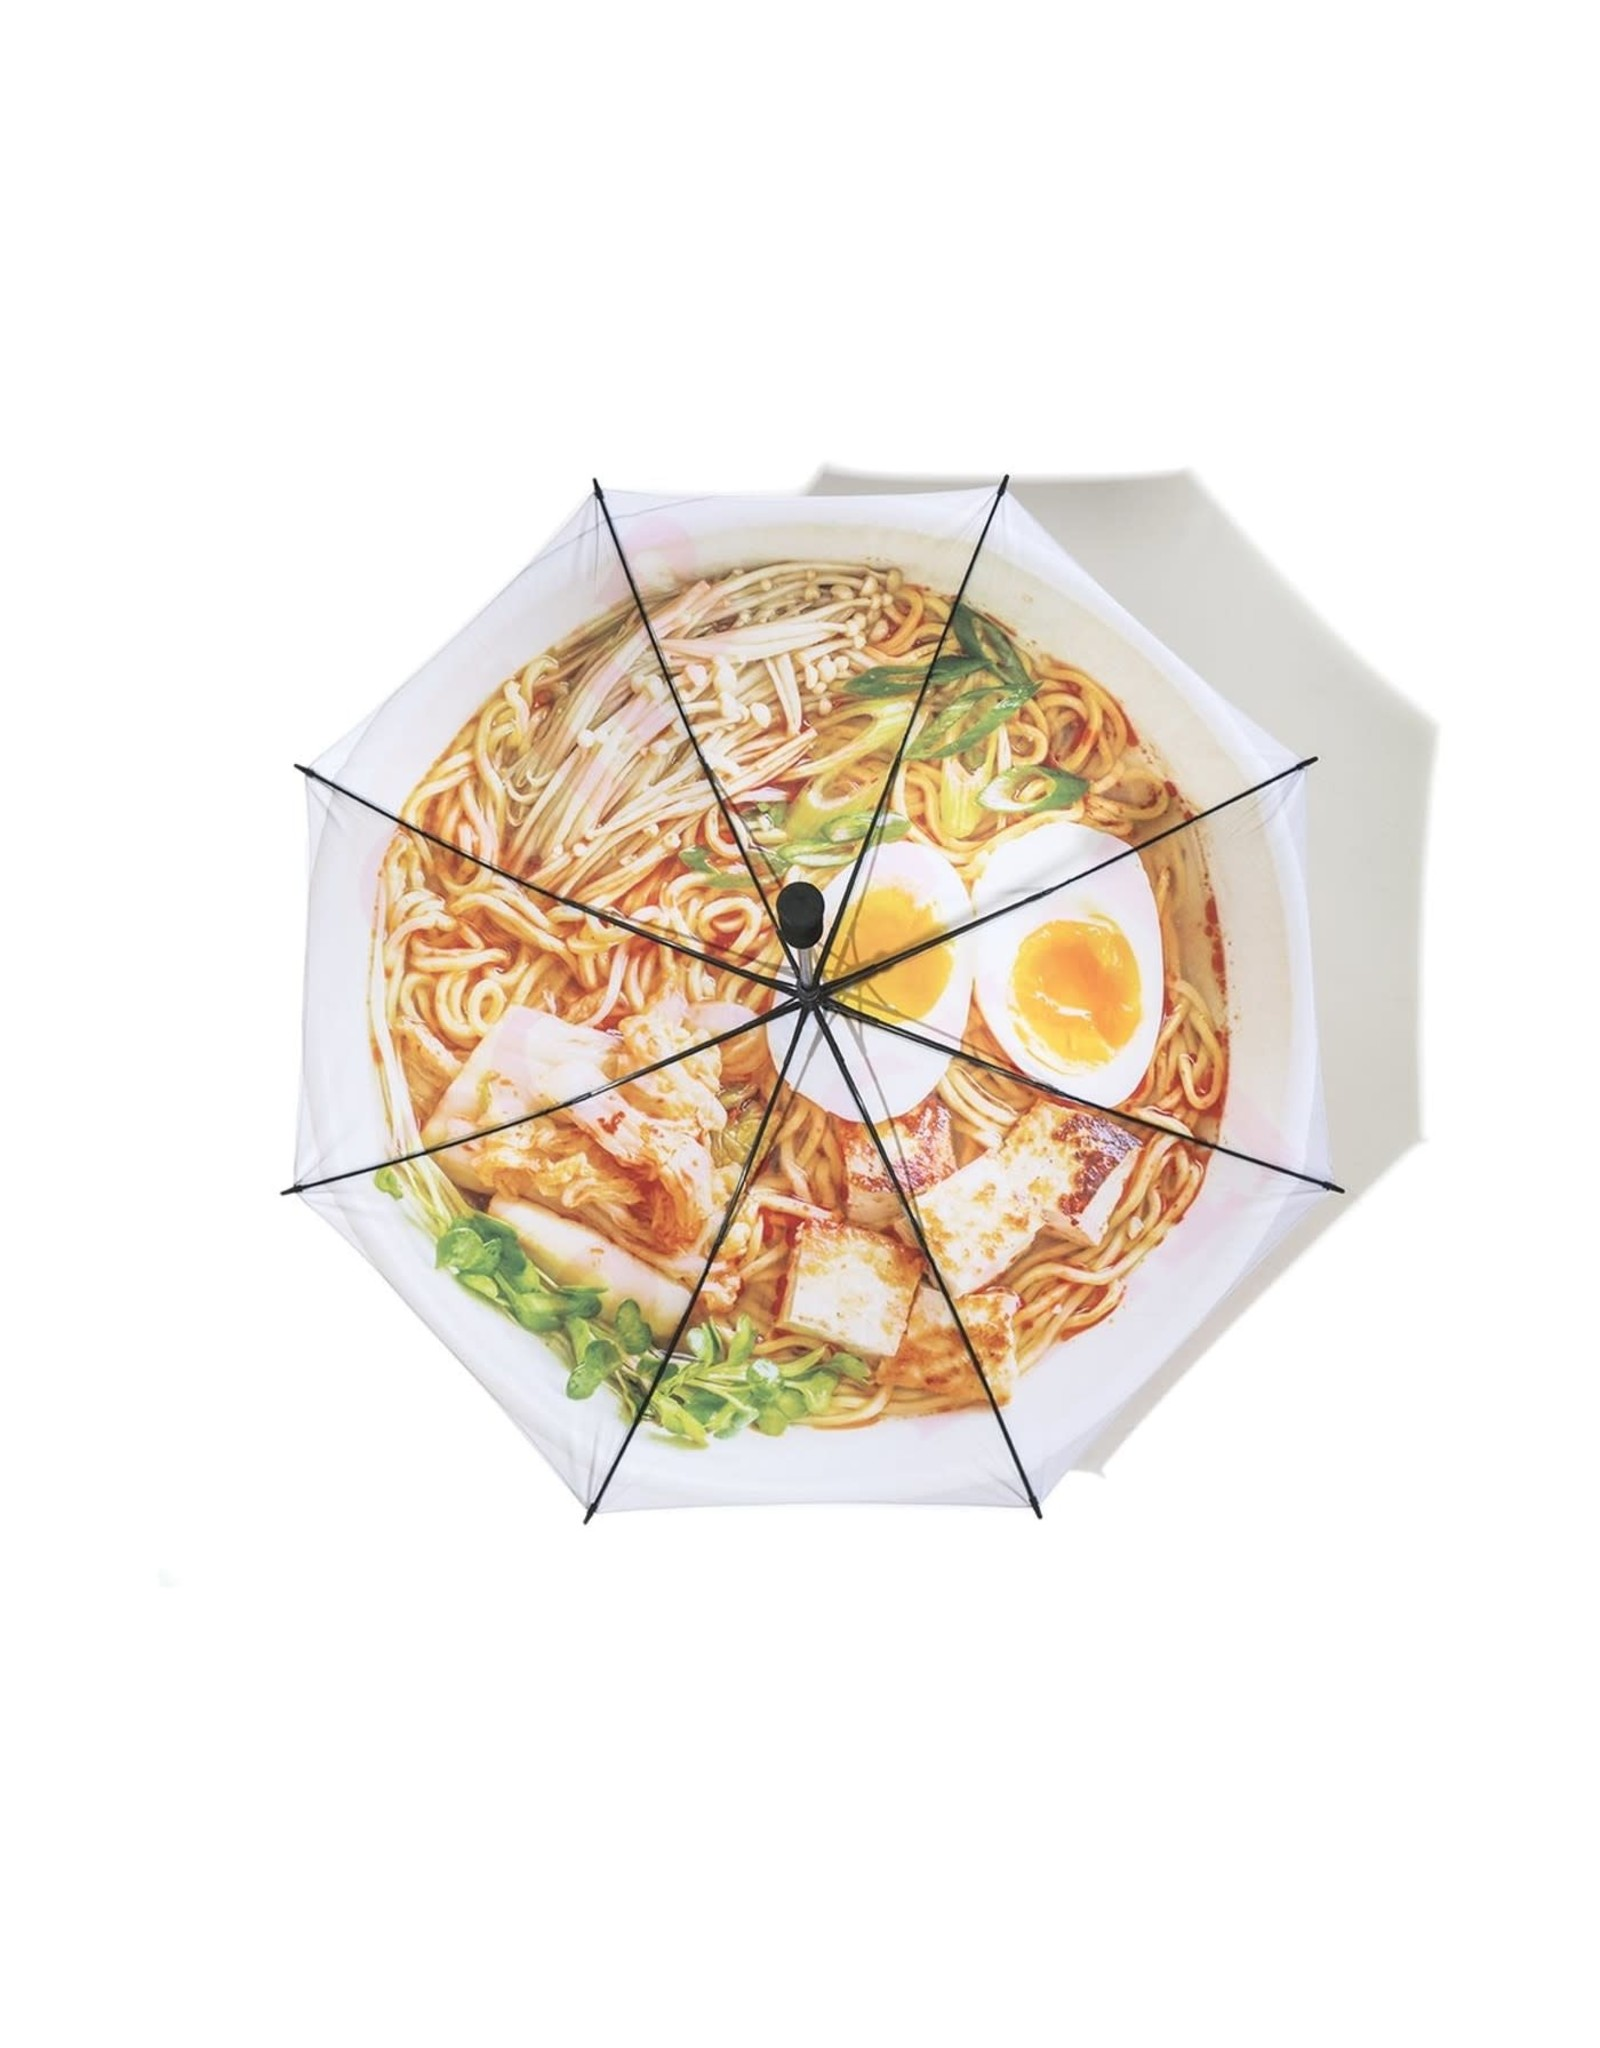 ASSC DOUSED-Anti Social Social Club Chasu Pork Umbrella